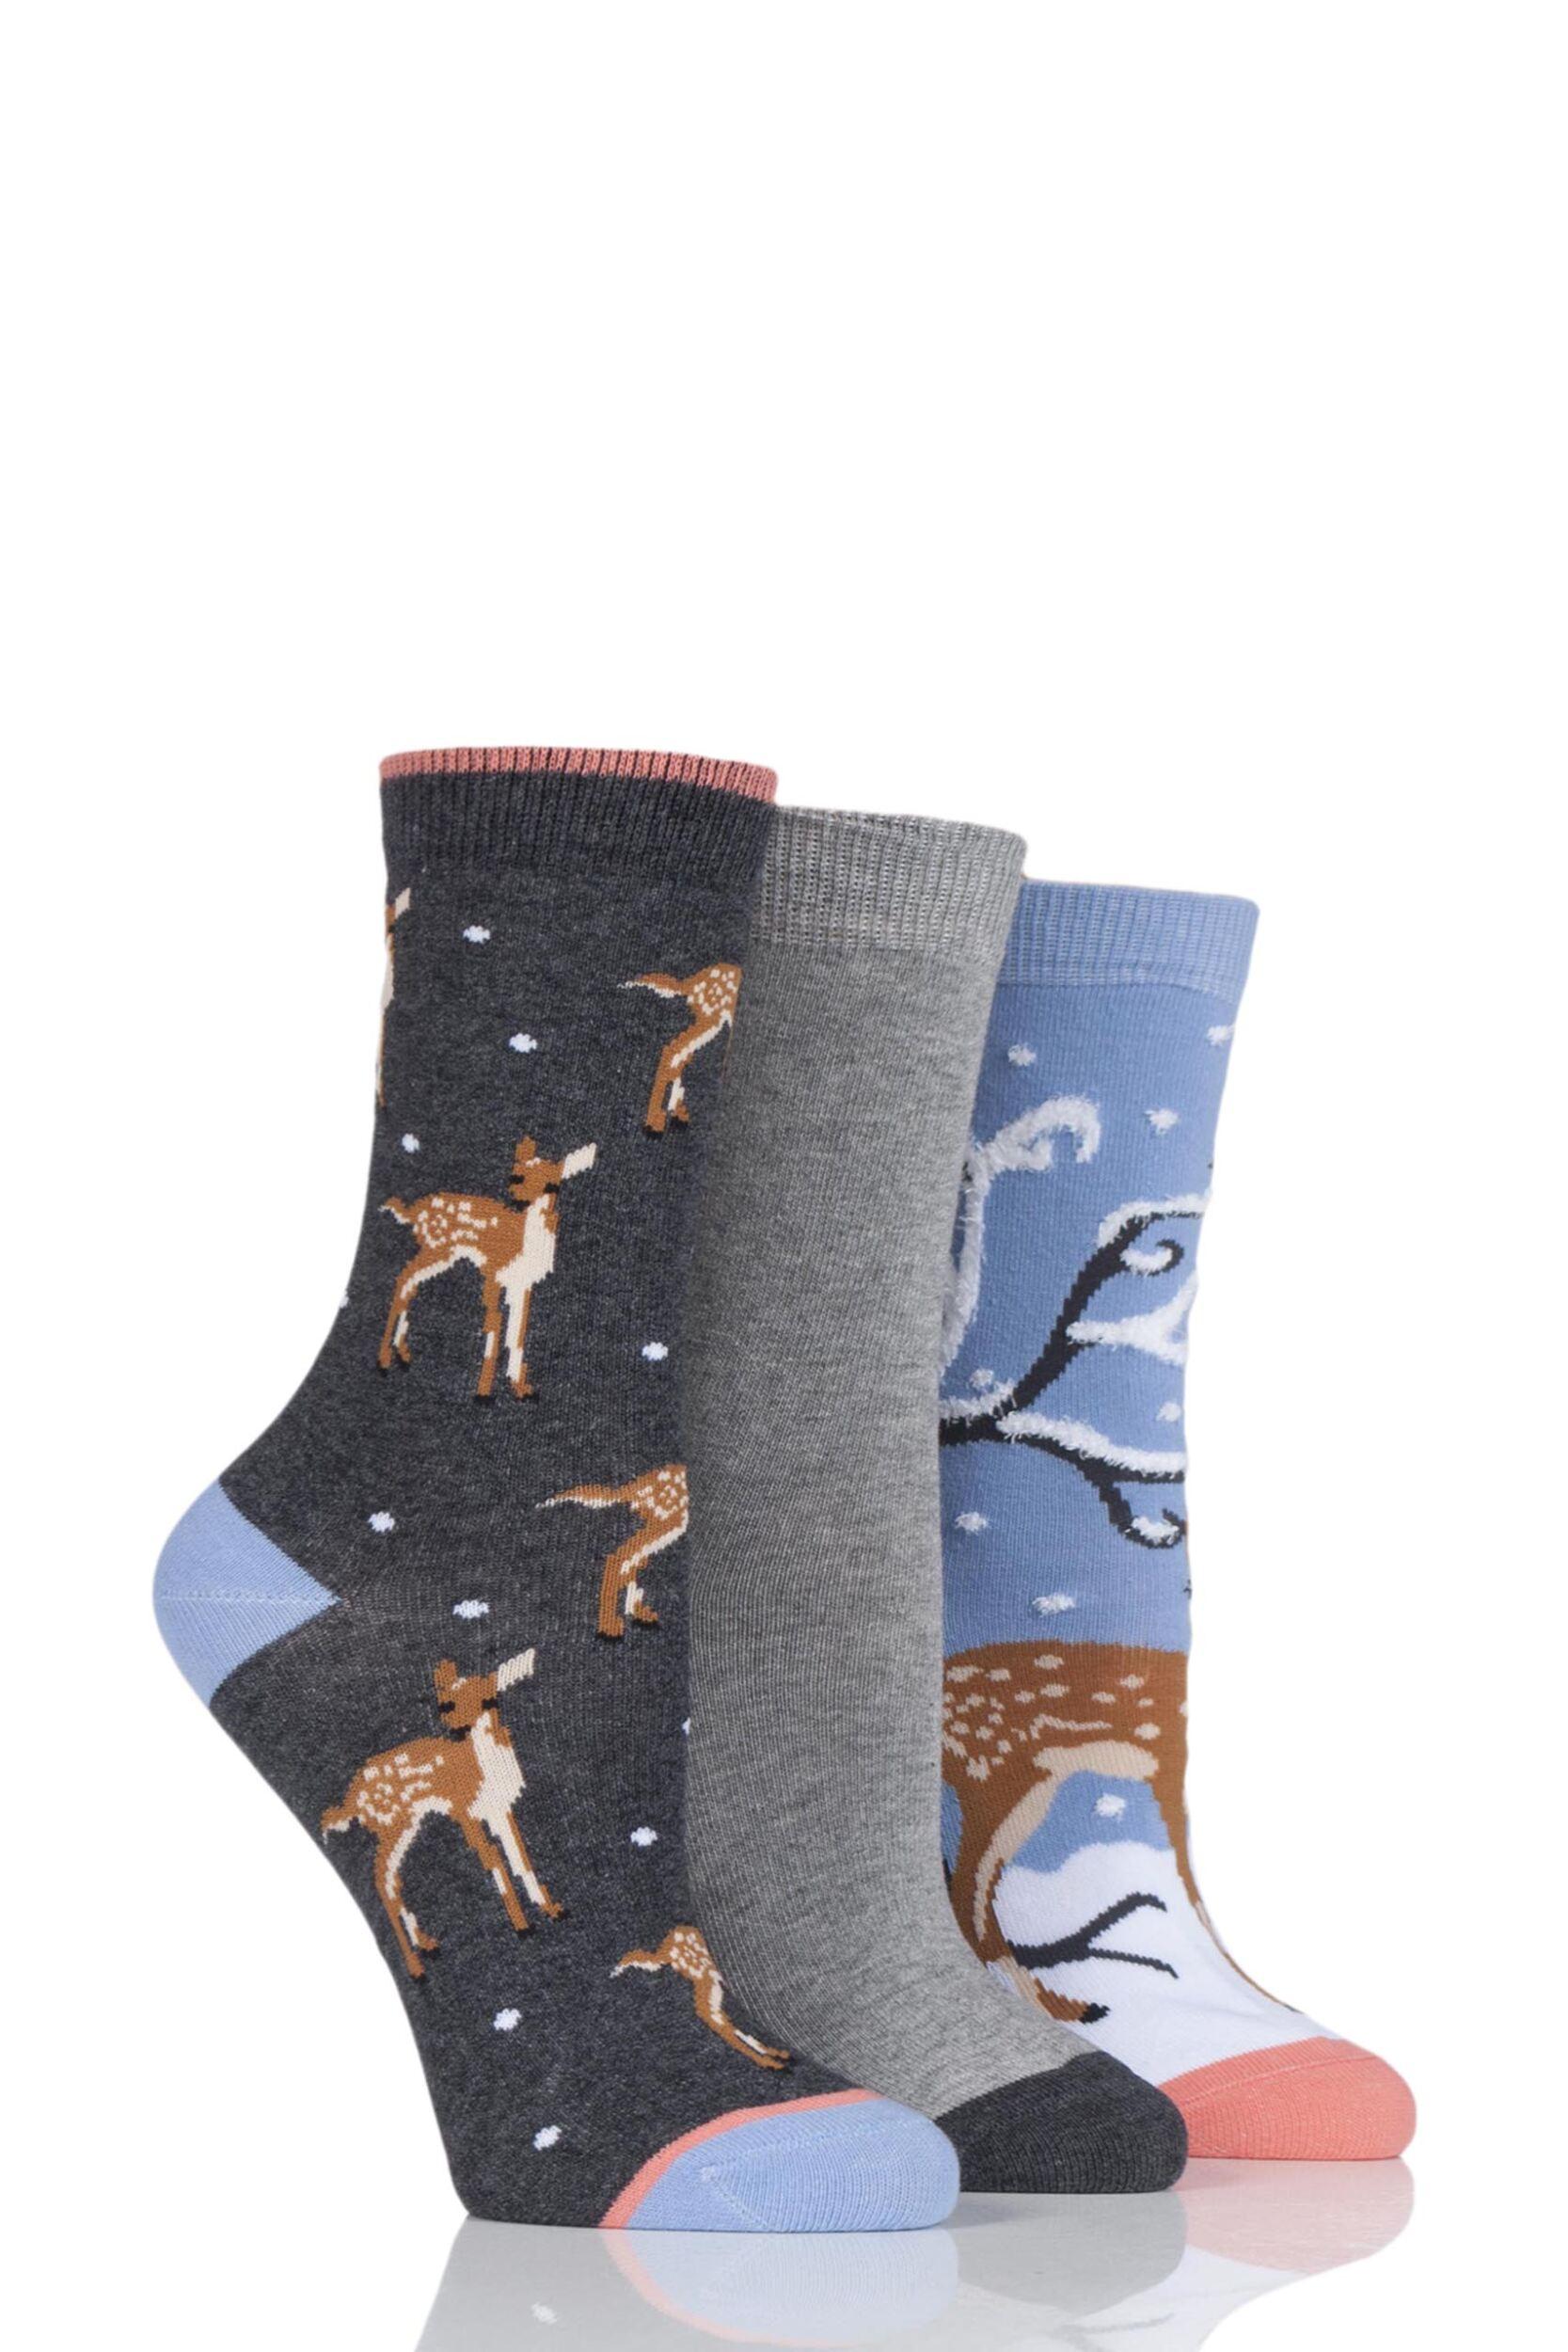 Ladies 3 Pair SockShop Wild Feet Deer Cotton Socks